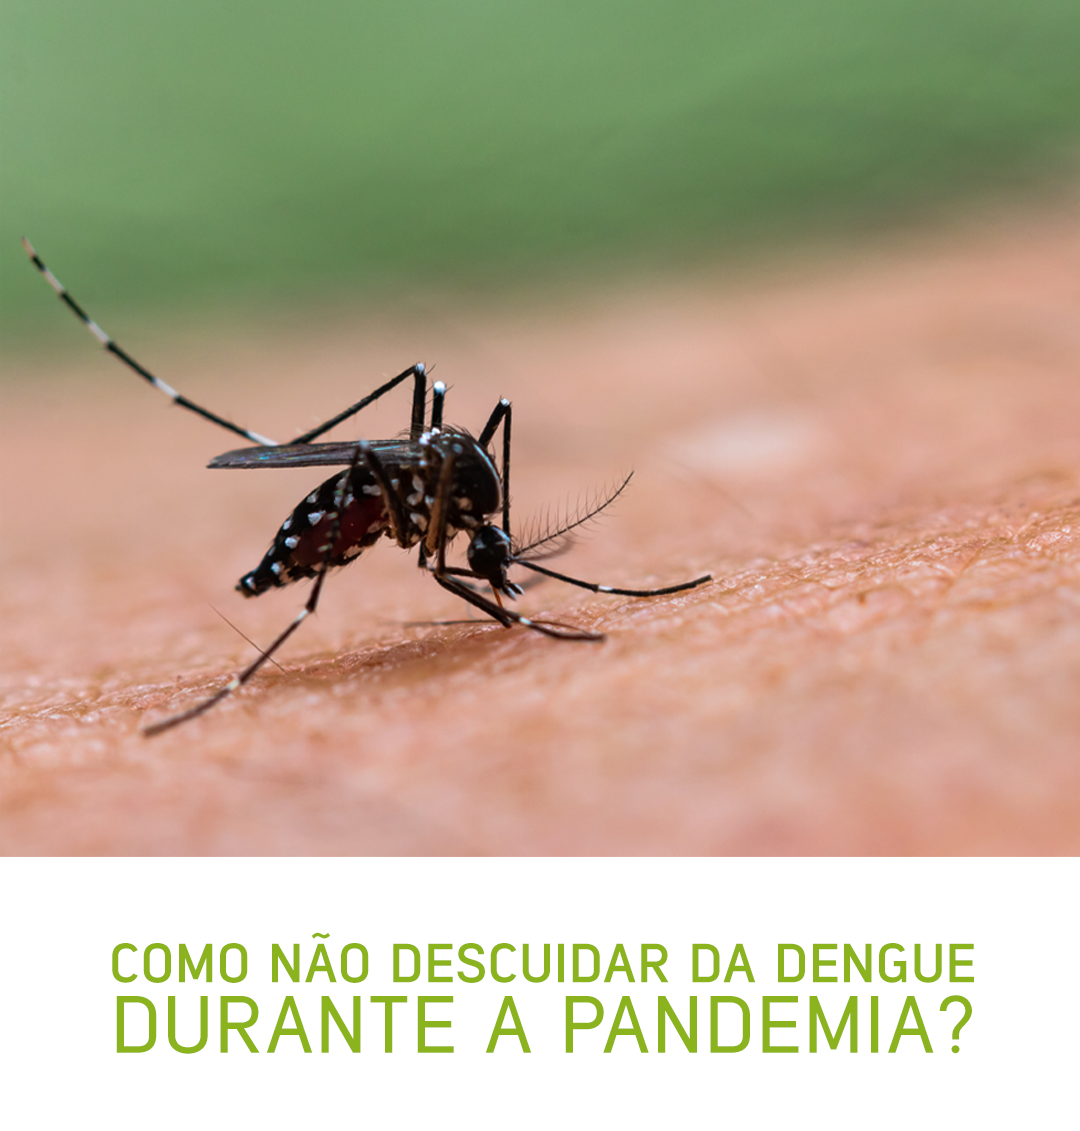 Como não descuidar da dengue durante a pandemia?